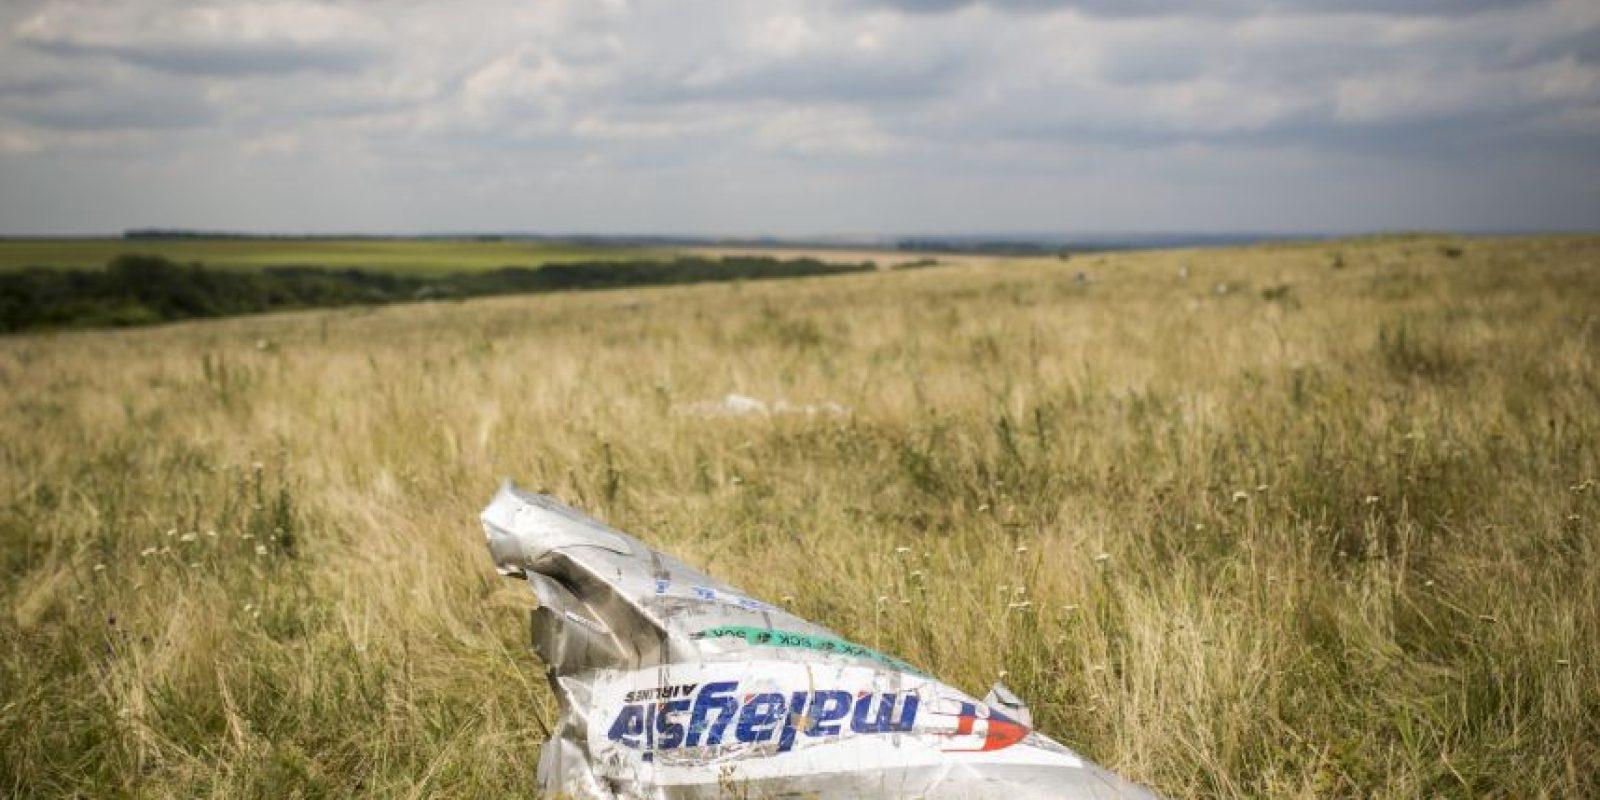 Es derribado el vuelo MH17 de Malaysia Airlines. Foto:Getty Images